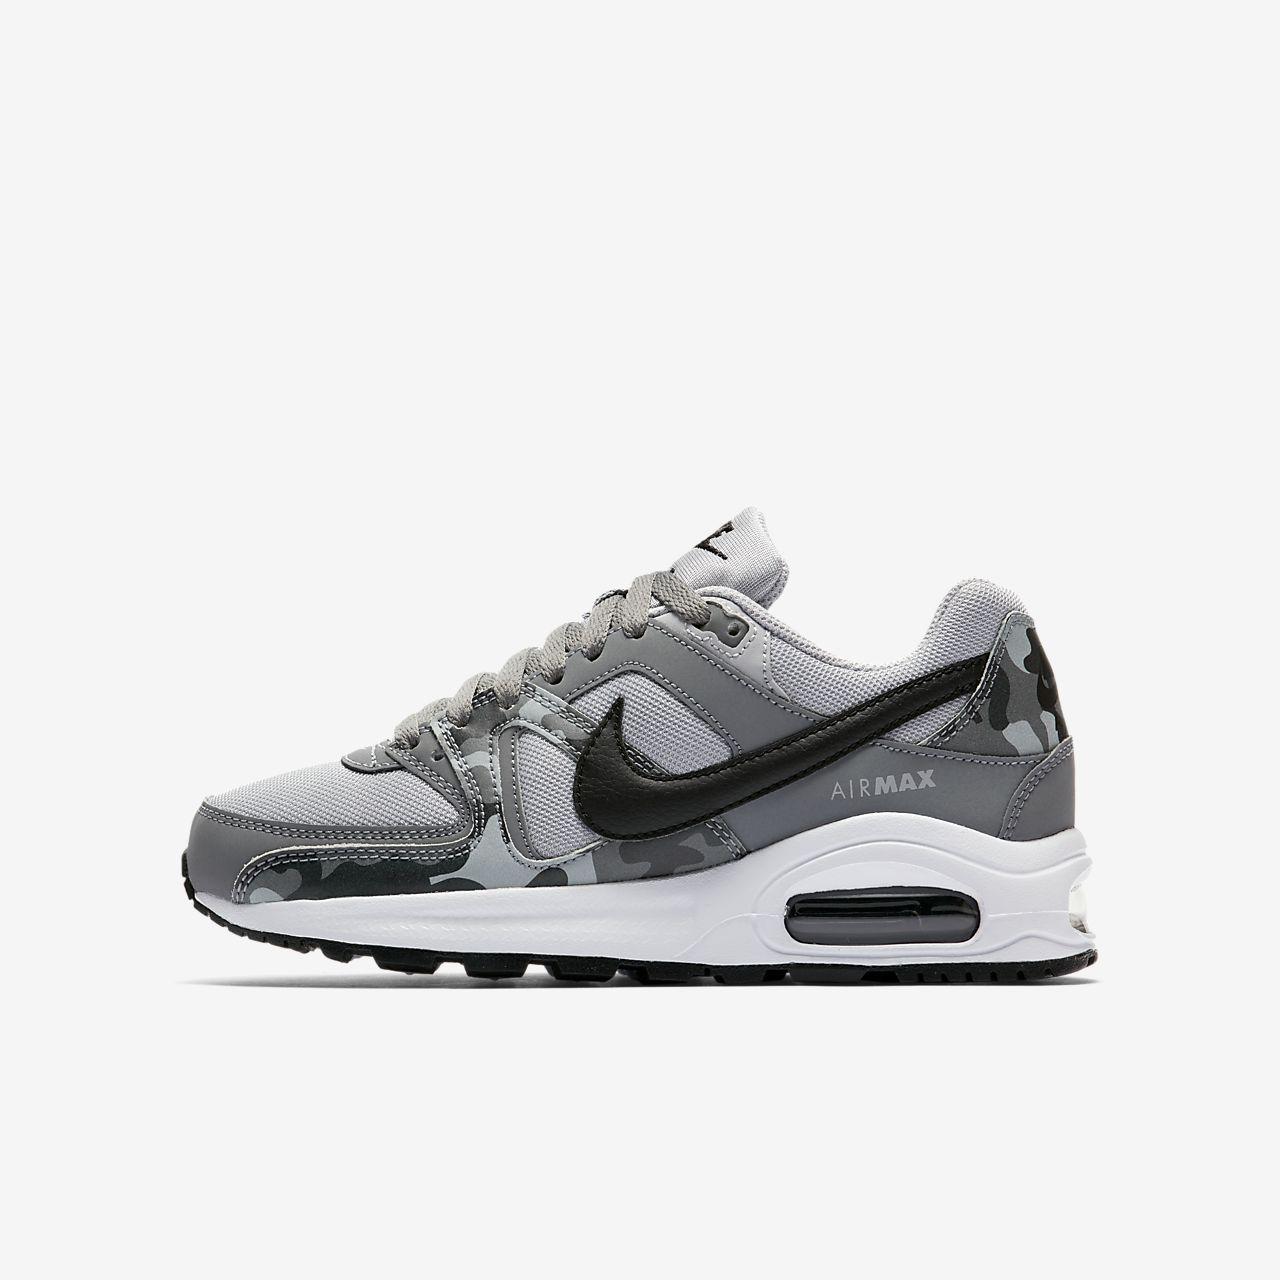 release date b0974 86c7c ... release date chaussure nike air max command pour enfant plus âgé dca8a  a1ede